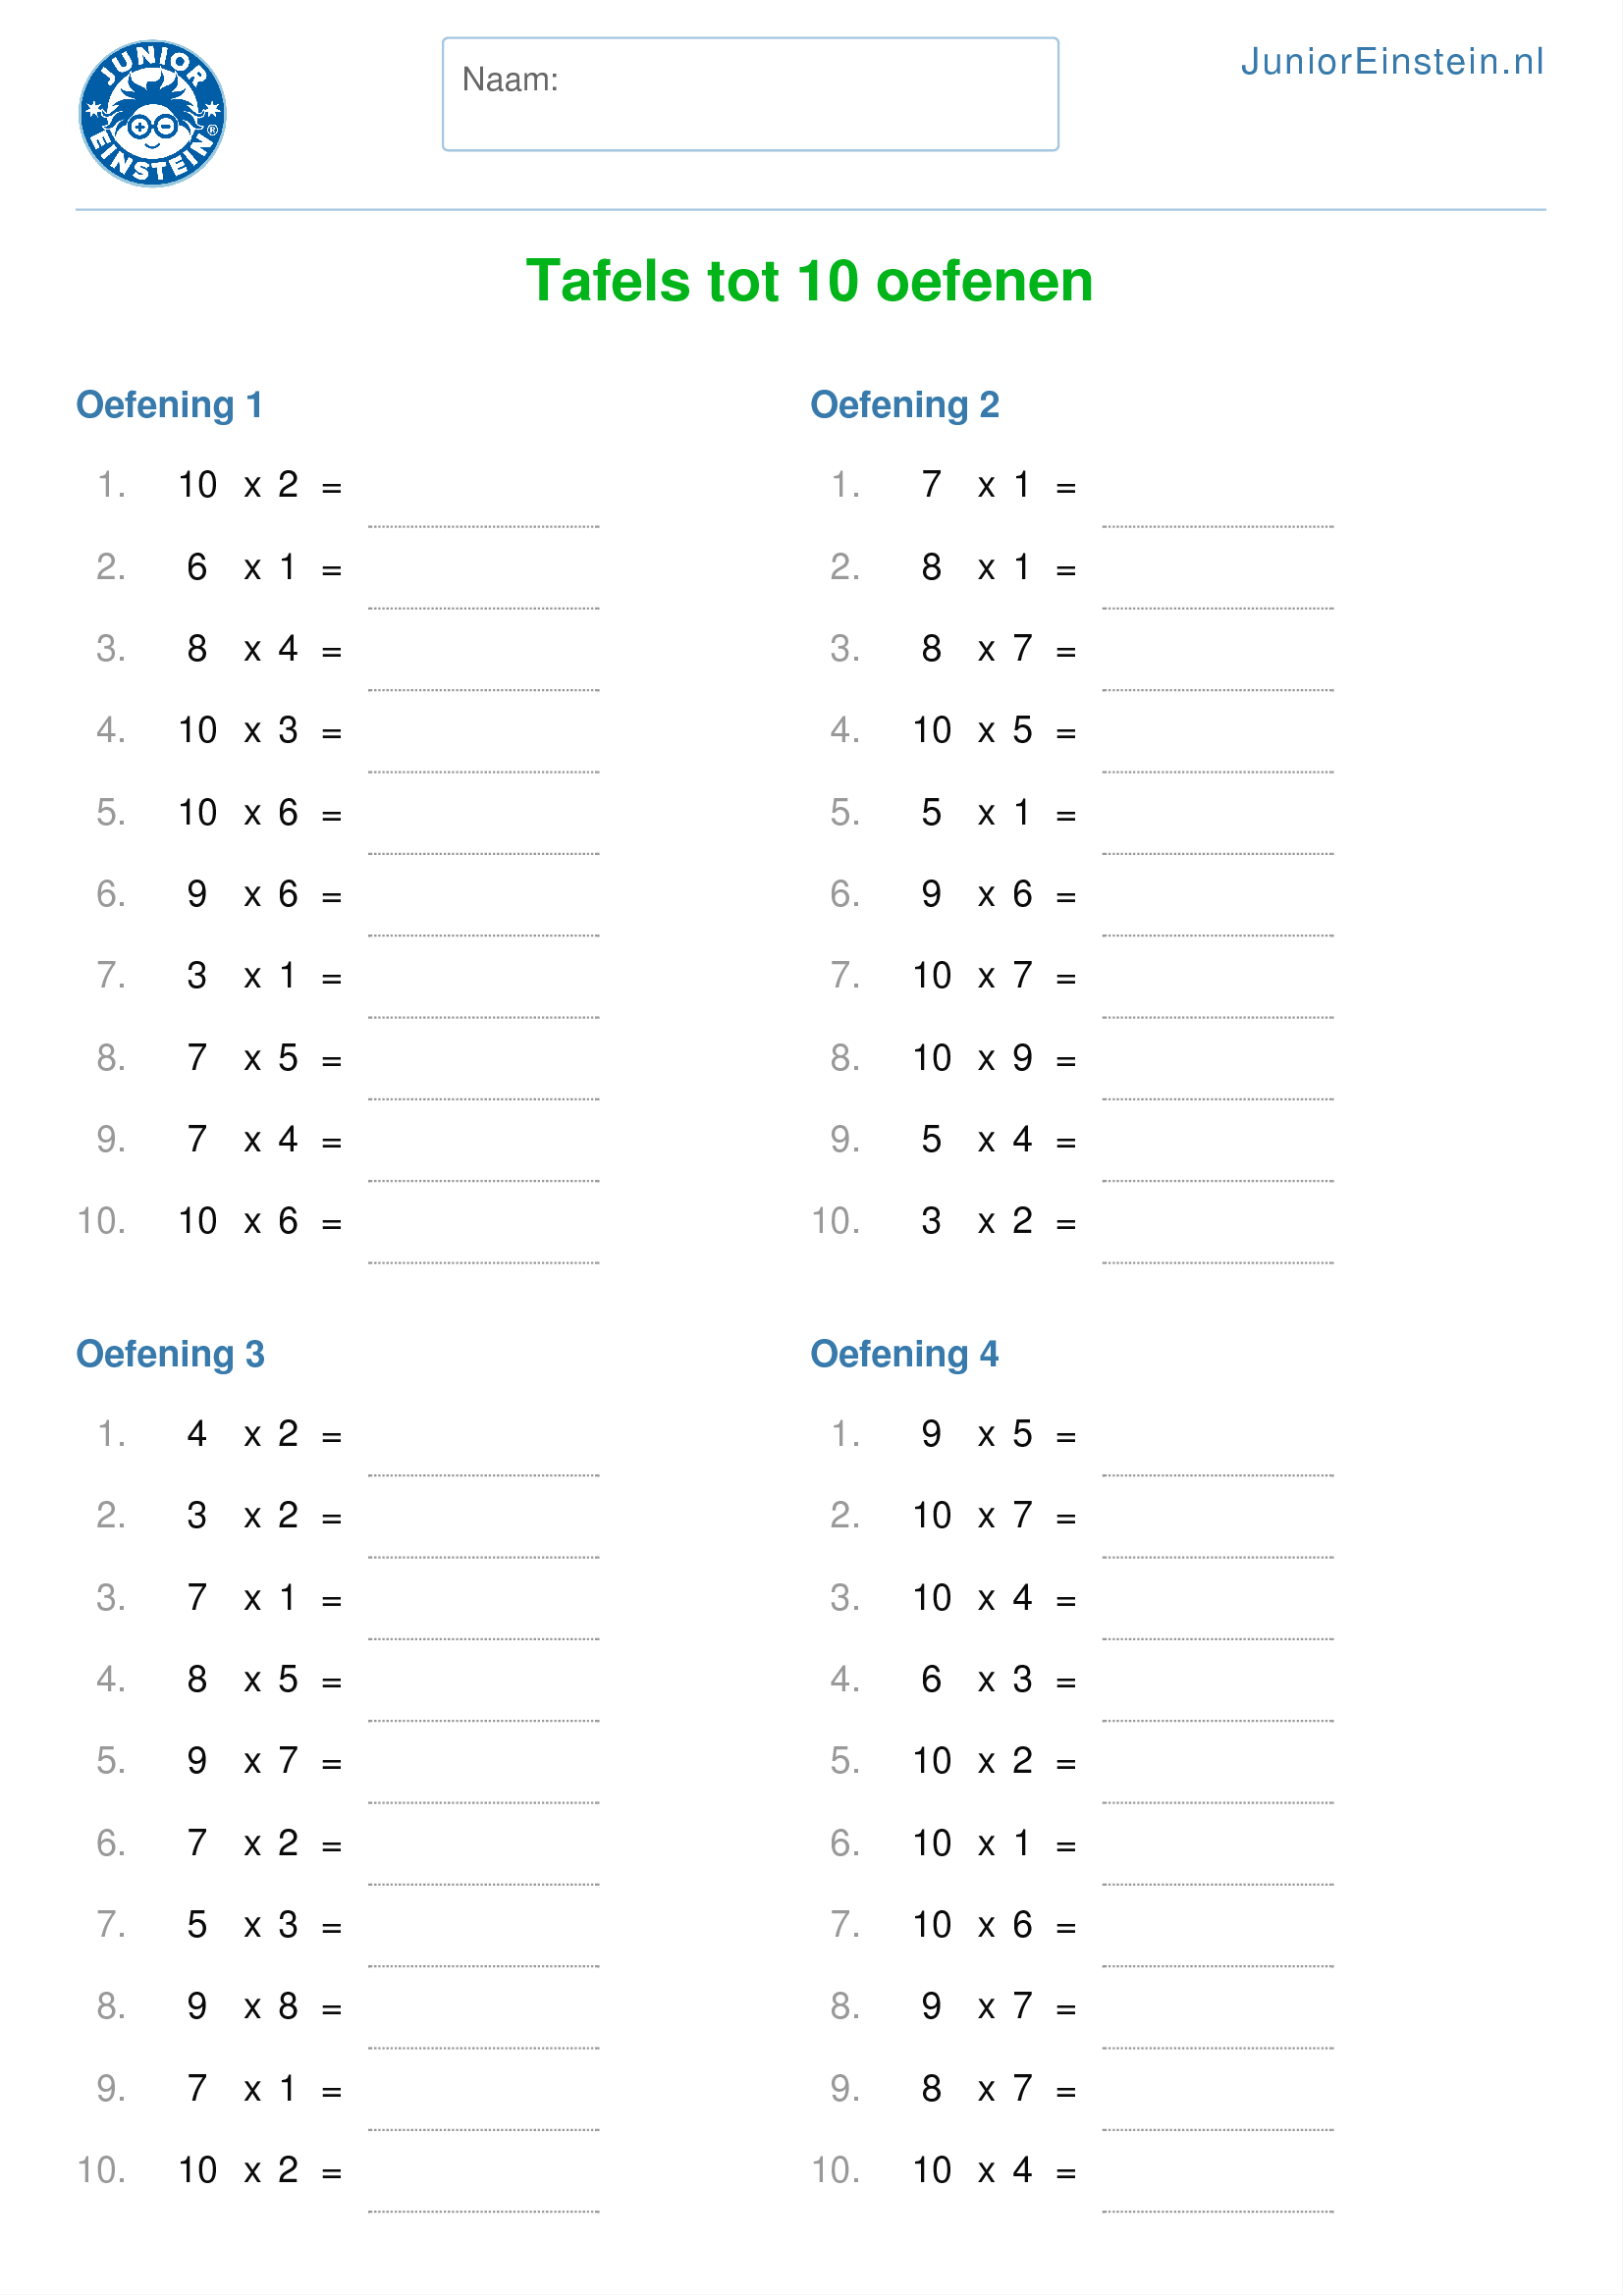 werkblad tafels tot 10 oefenen